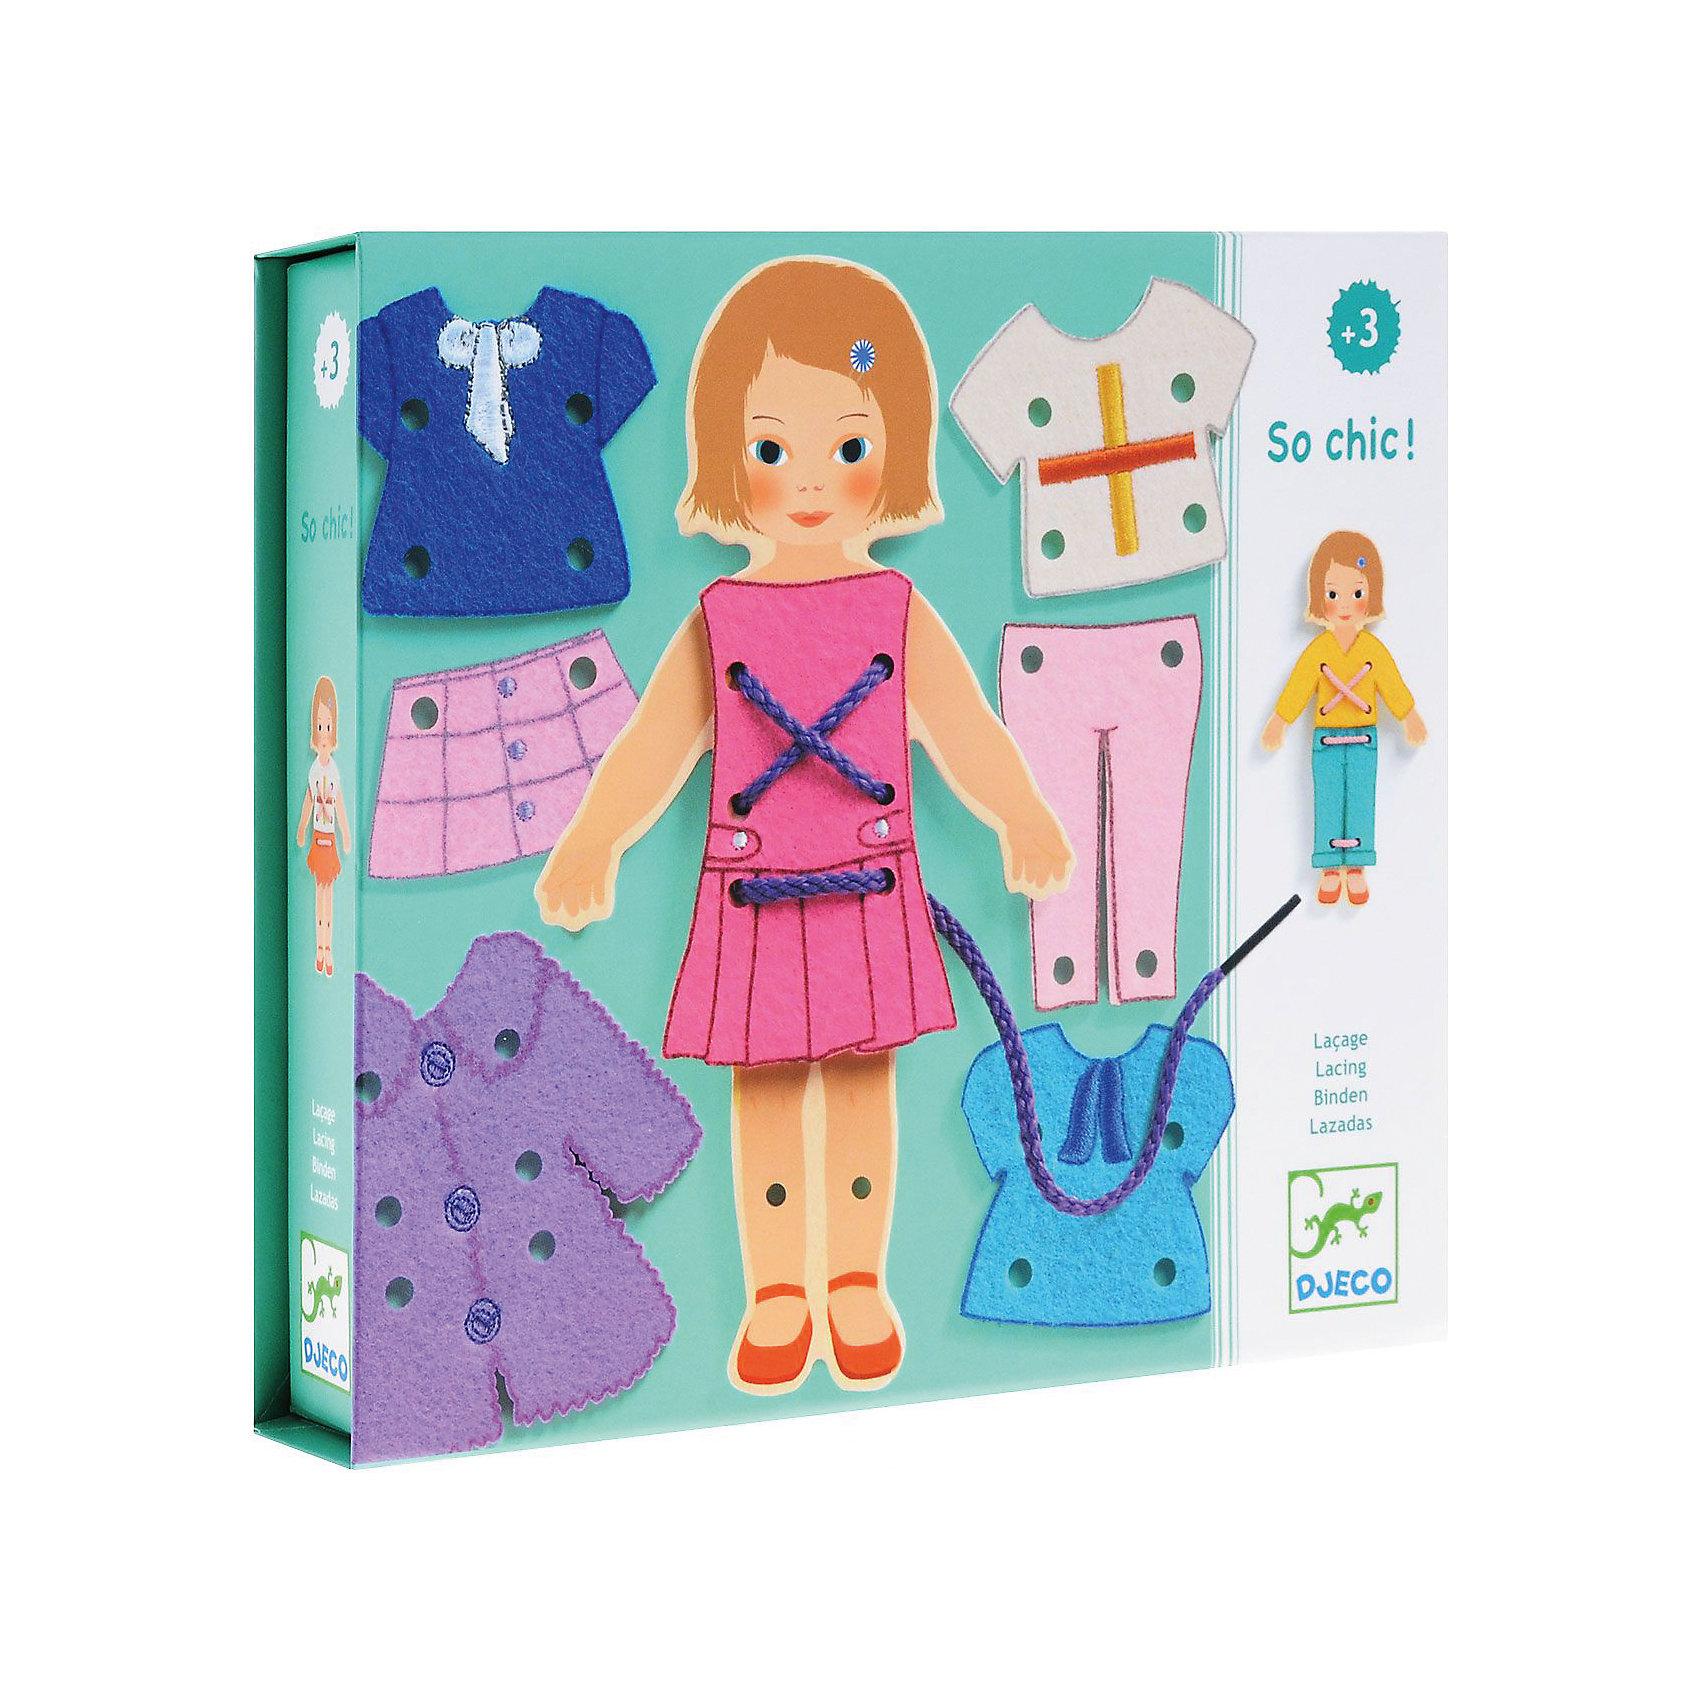 Настольная игра Какой стиль!, DJECOНастольная игра Какой стиль!, Djeco (Джеко) - новый вариант любимых многими девочками игр с одеванием куклы. В комплекте Вы найдете очаровательную картонную куколку и различные предметы одежды к ней. Девочке предлагается придумать для куколки новые наряды на все случаи жизни. Одежда прикрепляется к фигурке с помощью шнурка, который нужно продевать в имеющиеся отверстия. Все детали изготовлены из высококачественных материалов и покрыты безопасными красками. Игра развивает творческое воображение и фантазию, тренирует мелкую моторику.<br><br>Дополнительная информация:<br><br>- Материал: картон, текстиль<br>- Размер упаковки: 21,8 x 18,5 x 4 см.<br><br><br>Настольную игру Какой стиль!, Djeco (Джеко), можно купить в нашем интернет-магазине.<br><br>Ширина мм: 40<br>Глубина мм: 280<br>Высота мм: 10<br>Вес г: 380<br>Возраст от месяцев: 36<br>Возраст до месяцев: 84<br>Пол: Женский<br>Возраст: Детский<br>SKU: 4215011